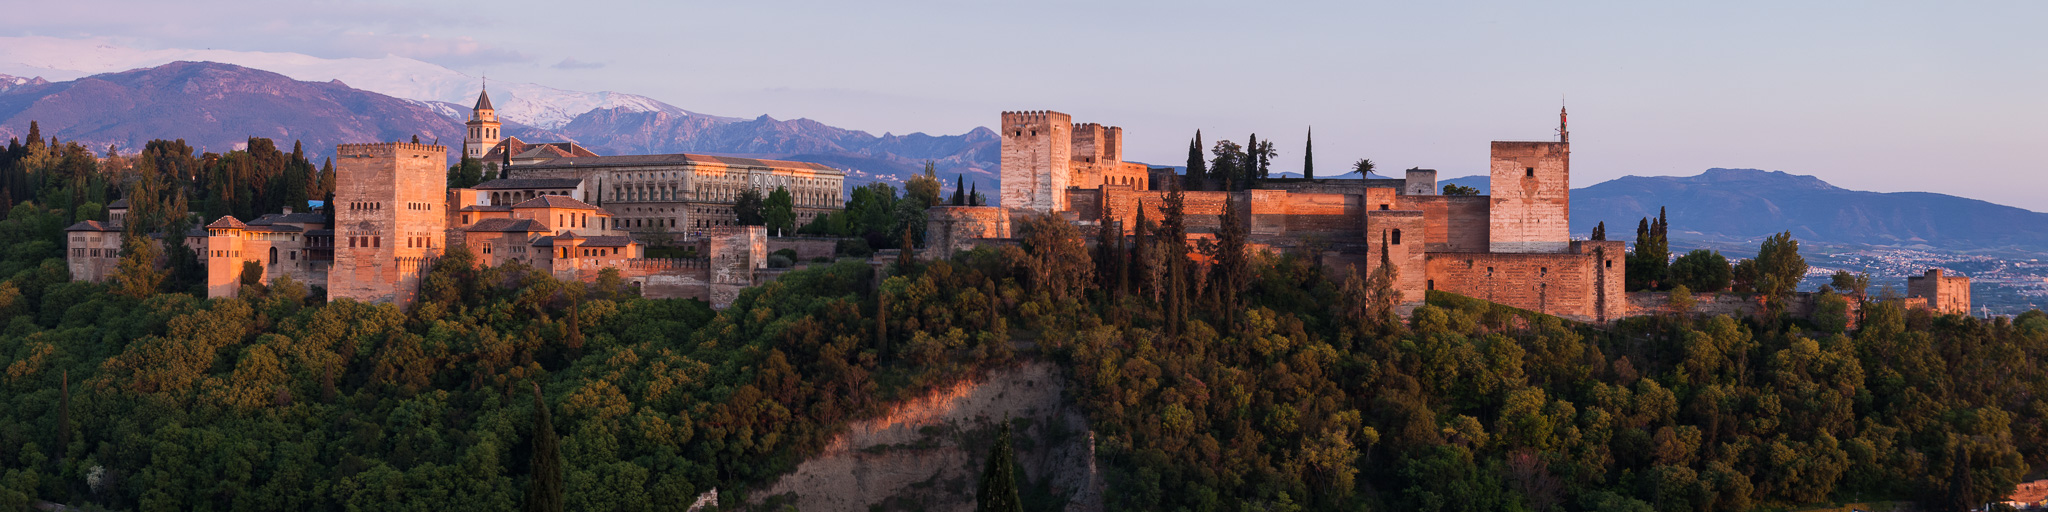 alhambra-grenada-sunset-panorama